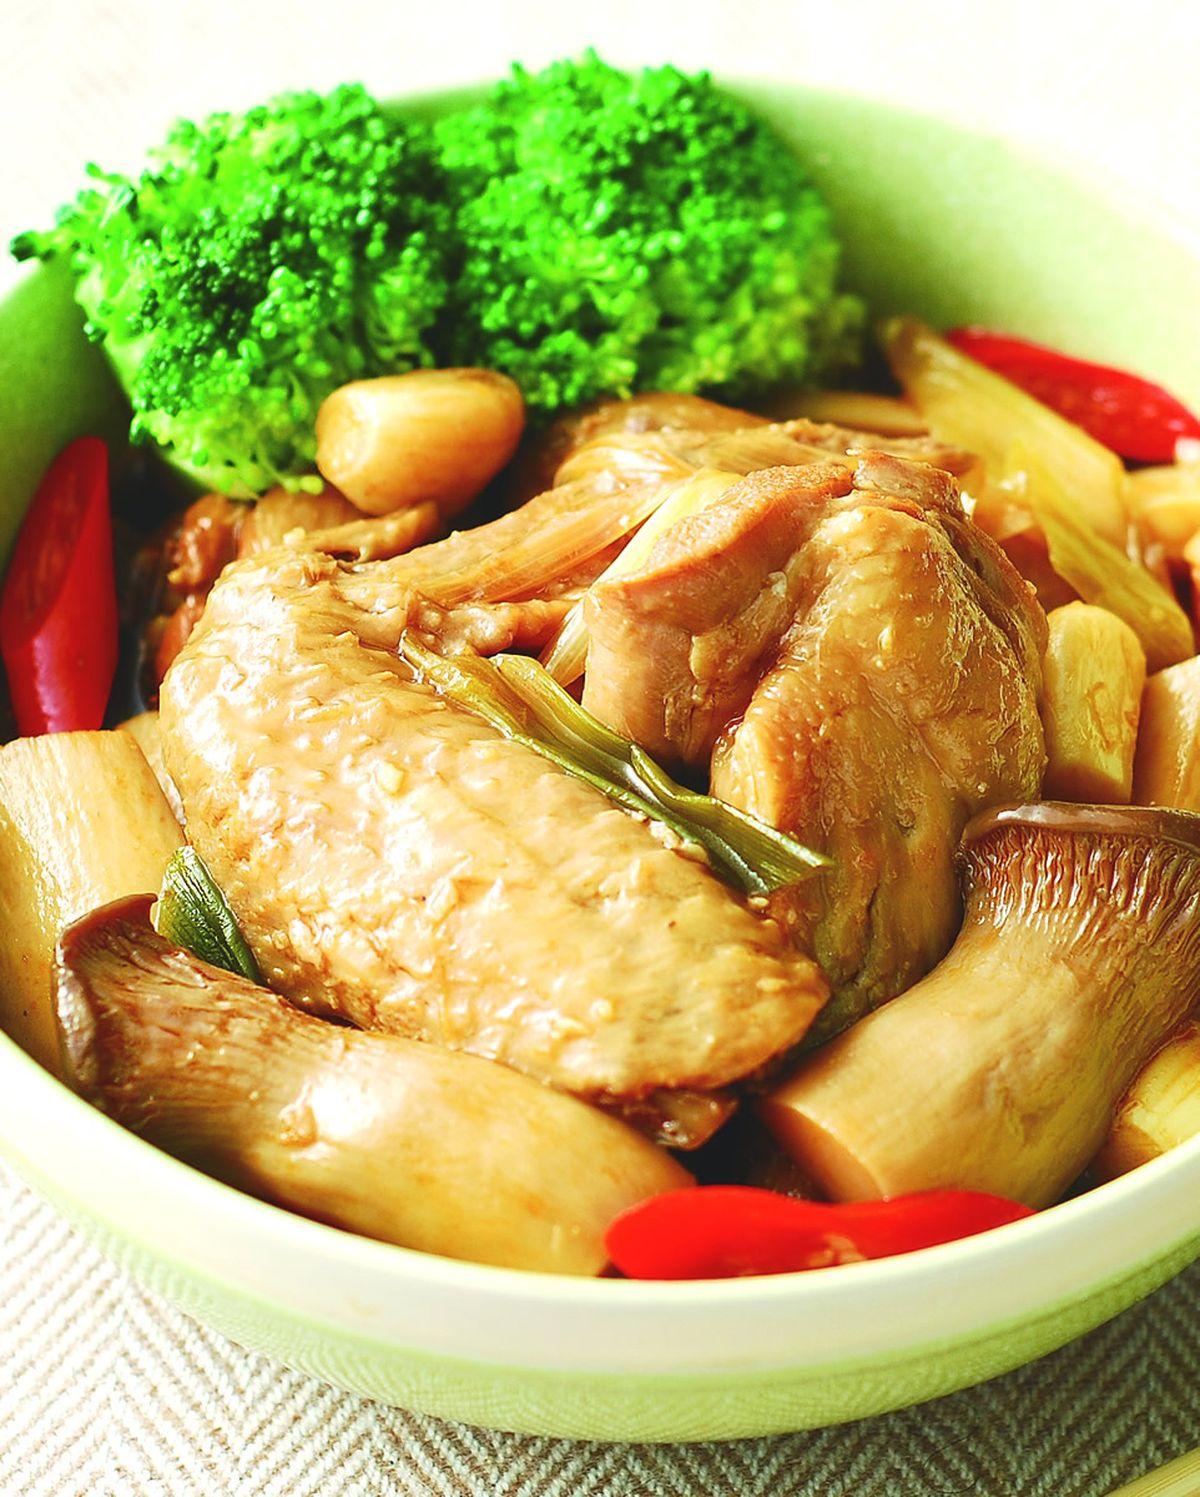 食譜:蠔油杏鮑菇滷雞翅